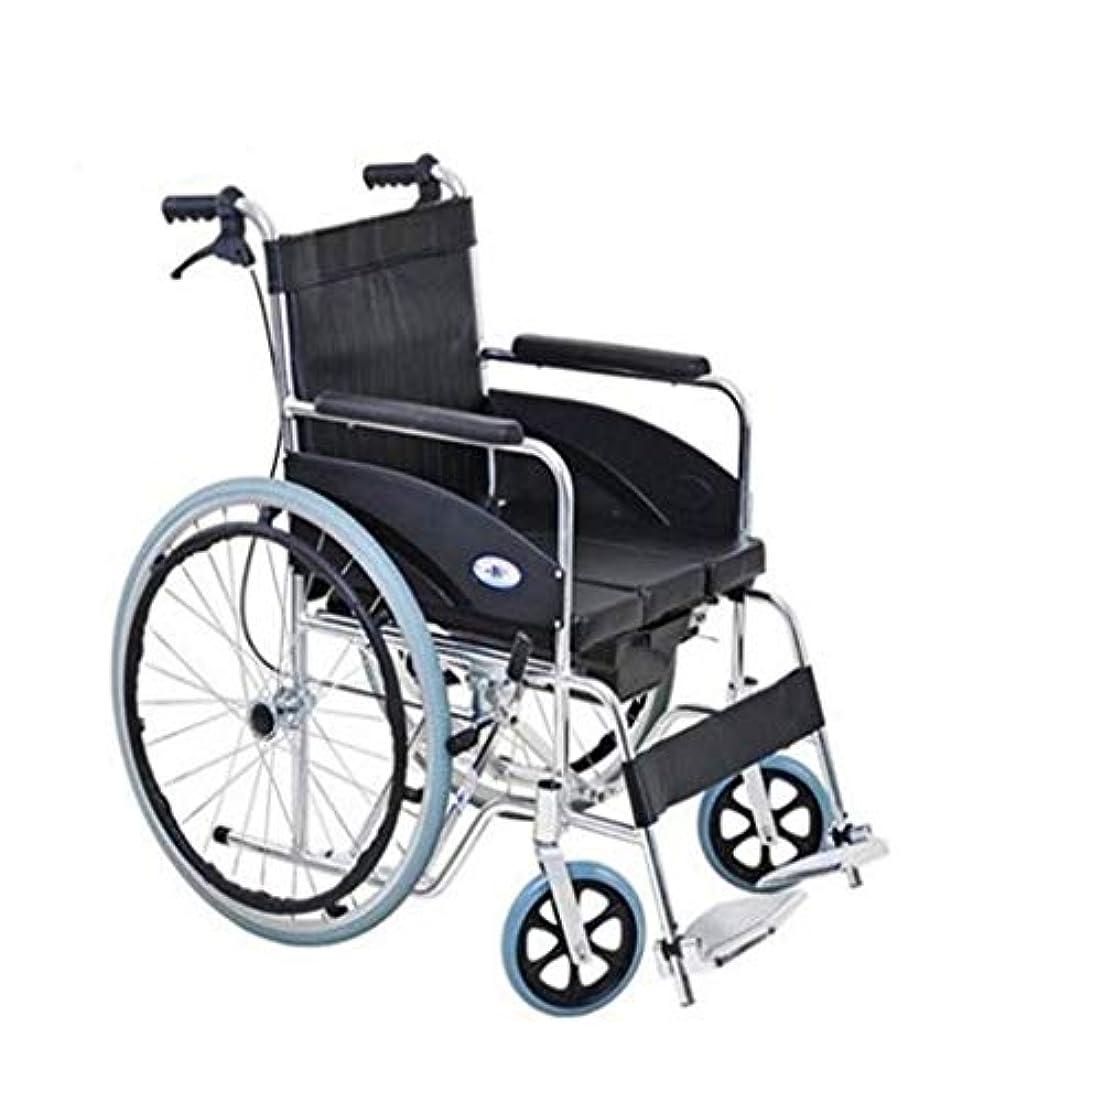 杭自慢胸車椅子トロリー多機能安全ブレーキ、折りたたみ式軽量アルミニウム合金、高齢者障害者用屋外プッシュ車椅子